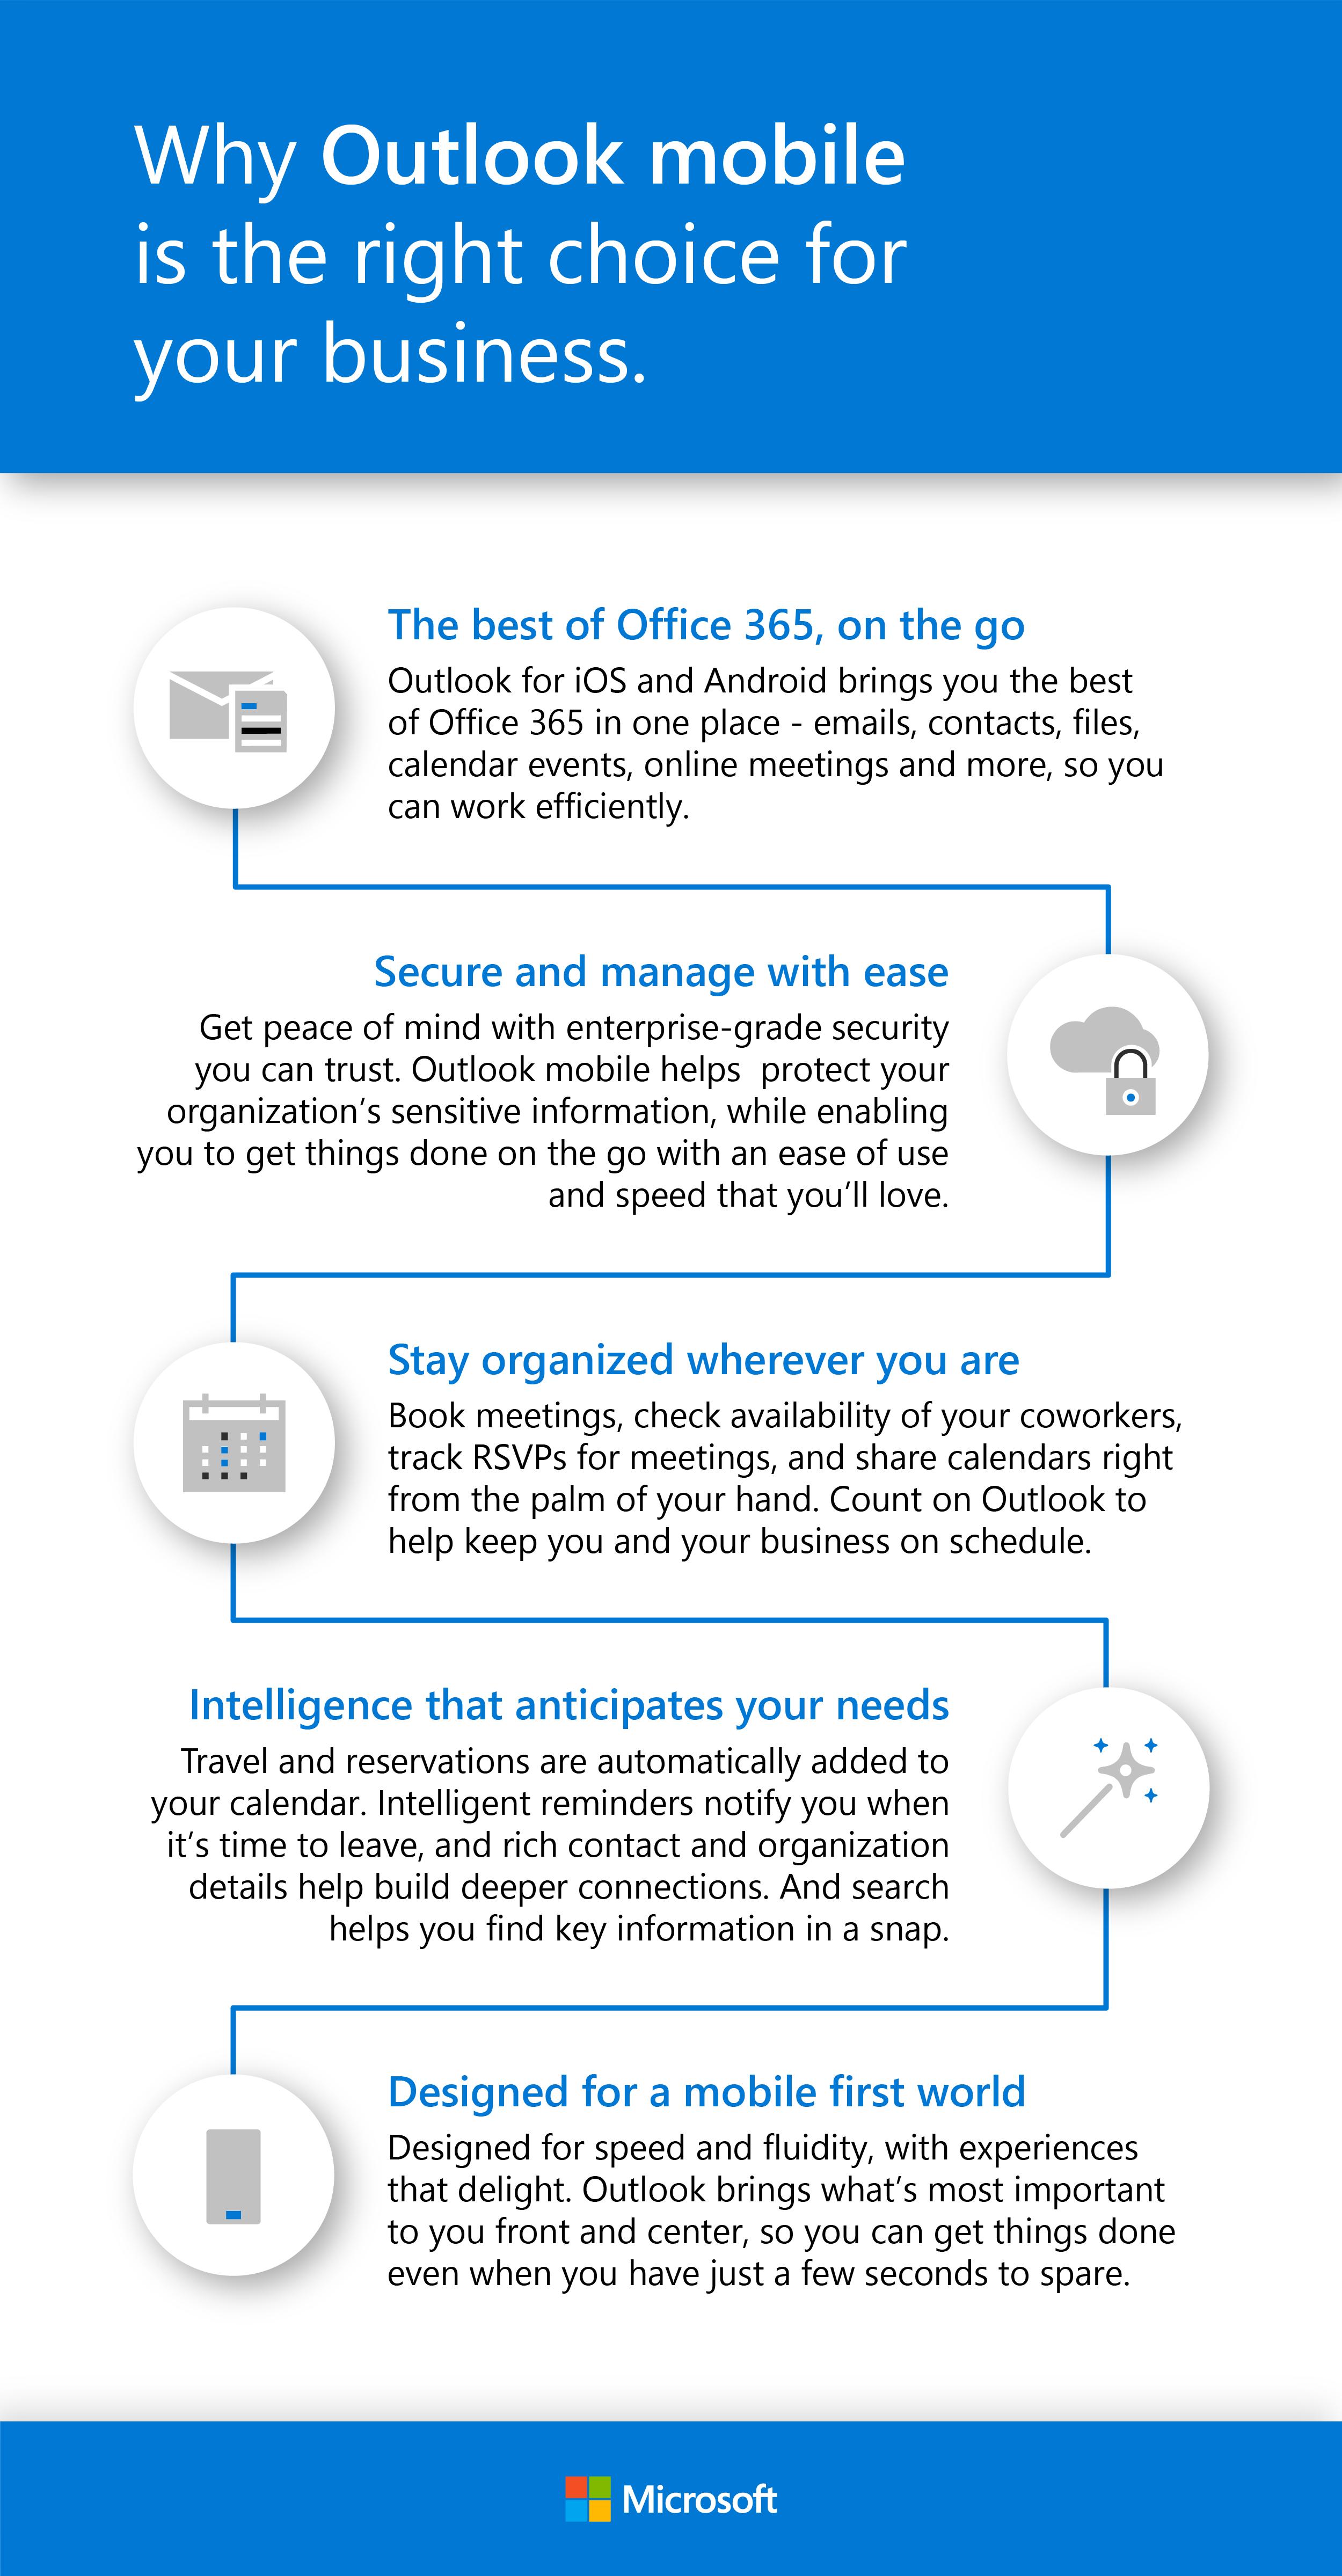 La tua app per l'email preferita, Outlook Mobile, aggiunge nuove funzionalità per la protezione delle informazioni aziendali e la gestione dei dispositivi mobili